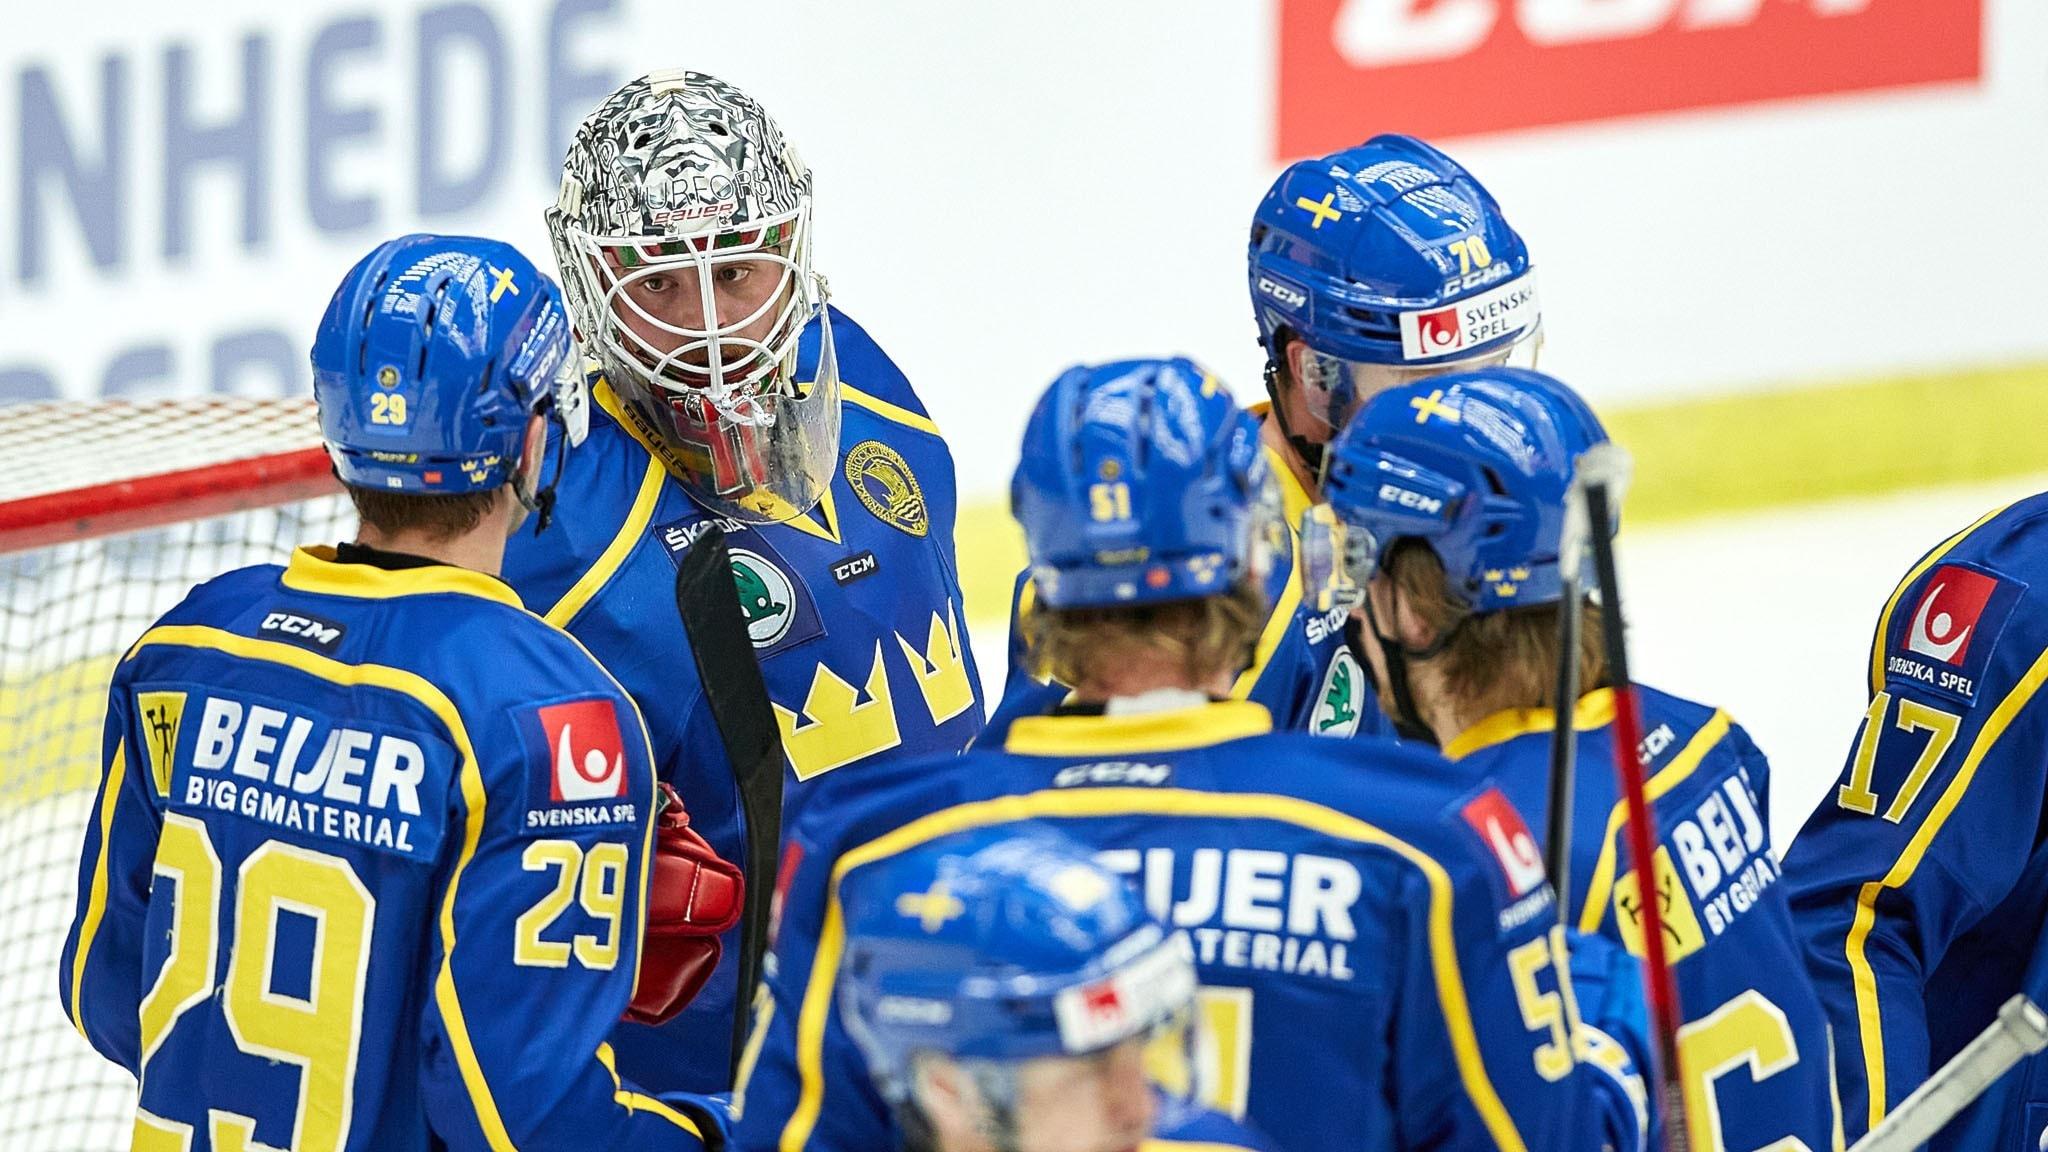 Spelar från Tre kronor, svenska ishockeylandslaget sedda mestadels bakifrån på isen.